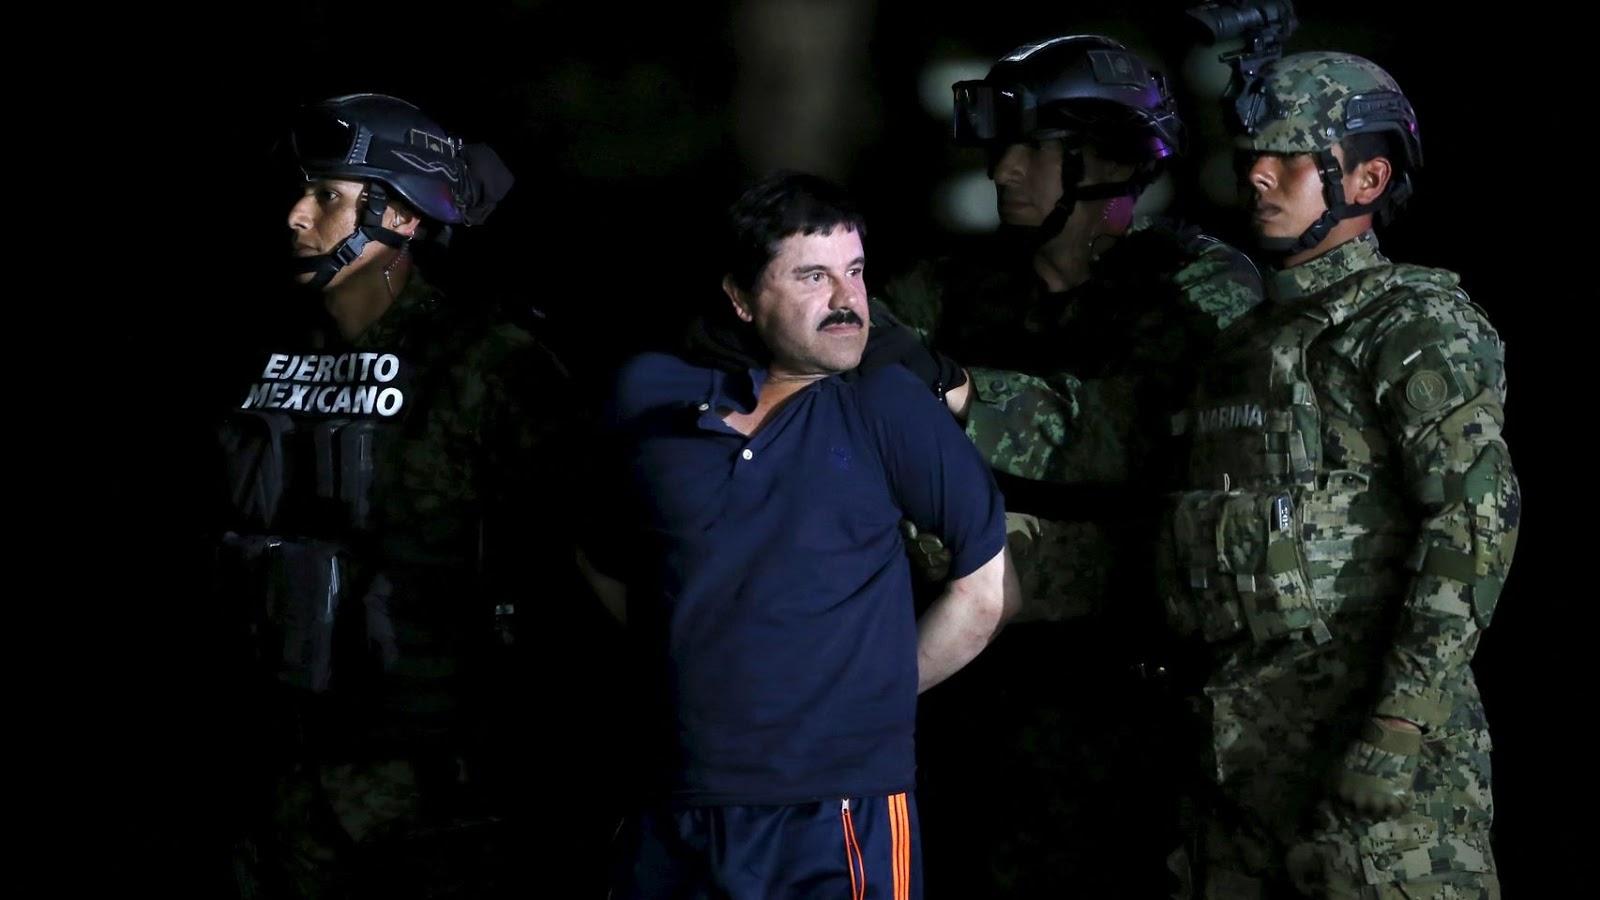 El Chapo cumple un año tras las rejas y ¡Ya quiere salir!